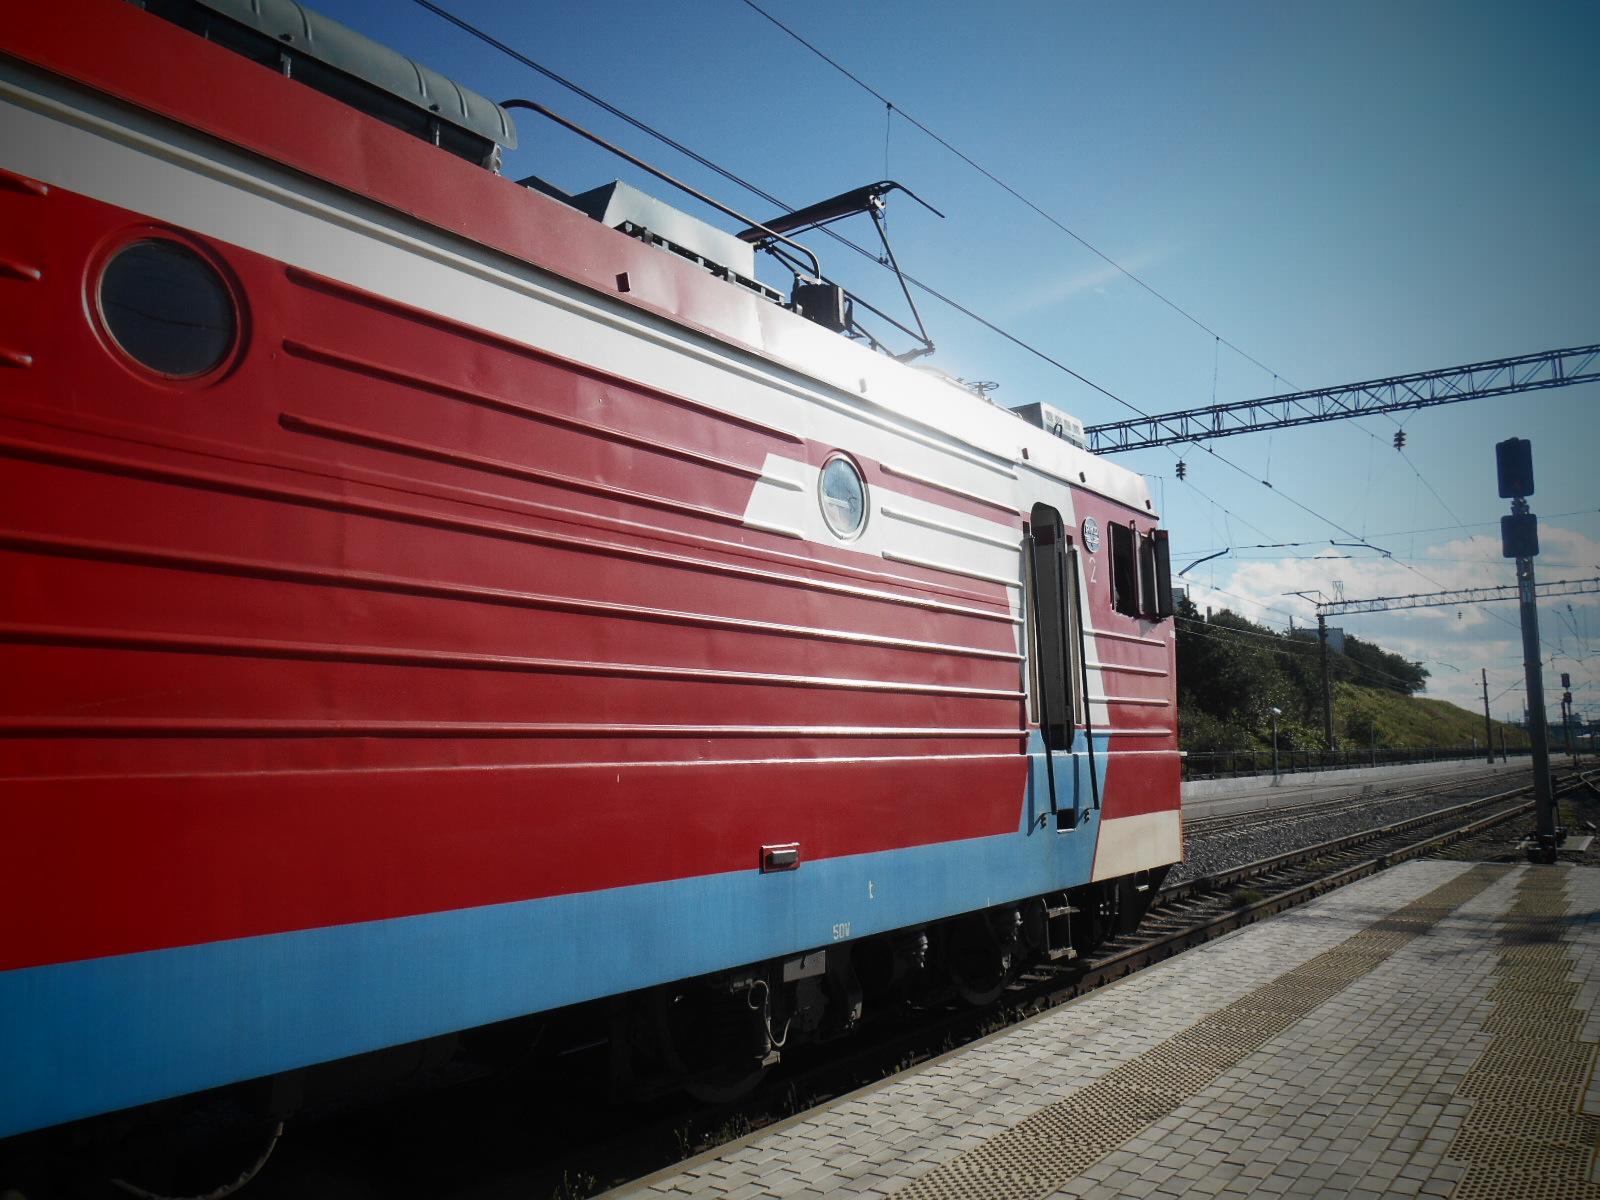 Голова пассажирского состава | Электровоз ЭП1М (город Мурманск)